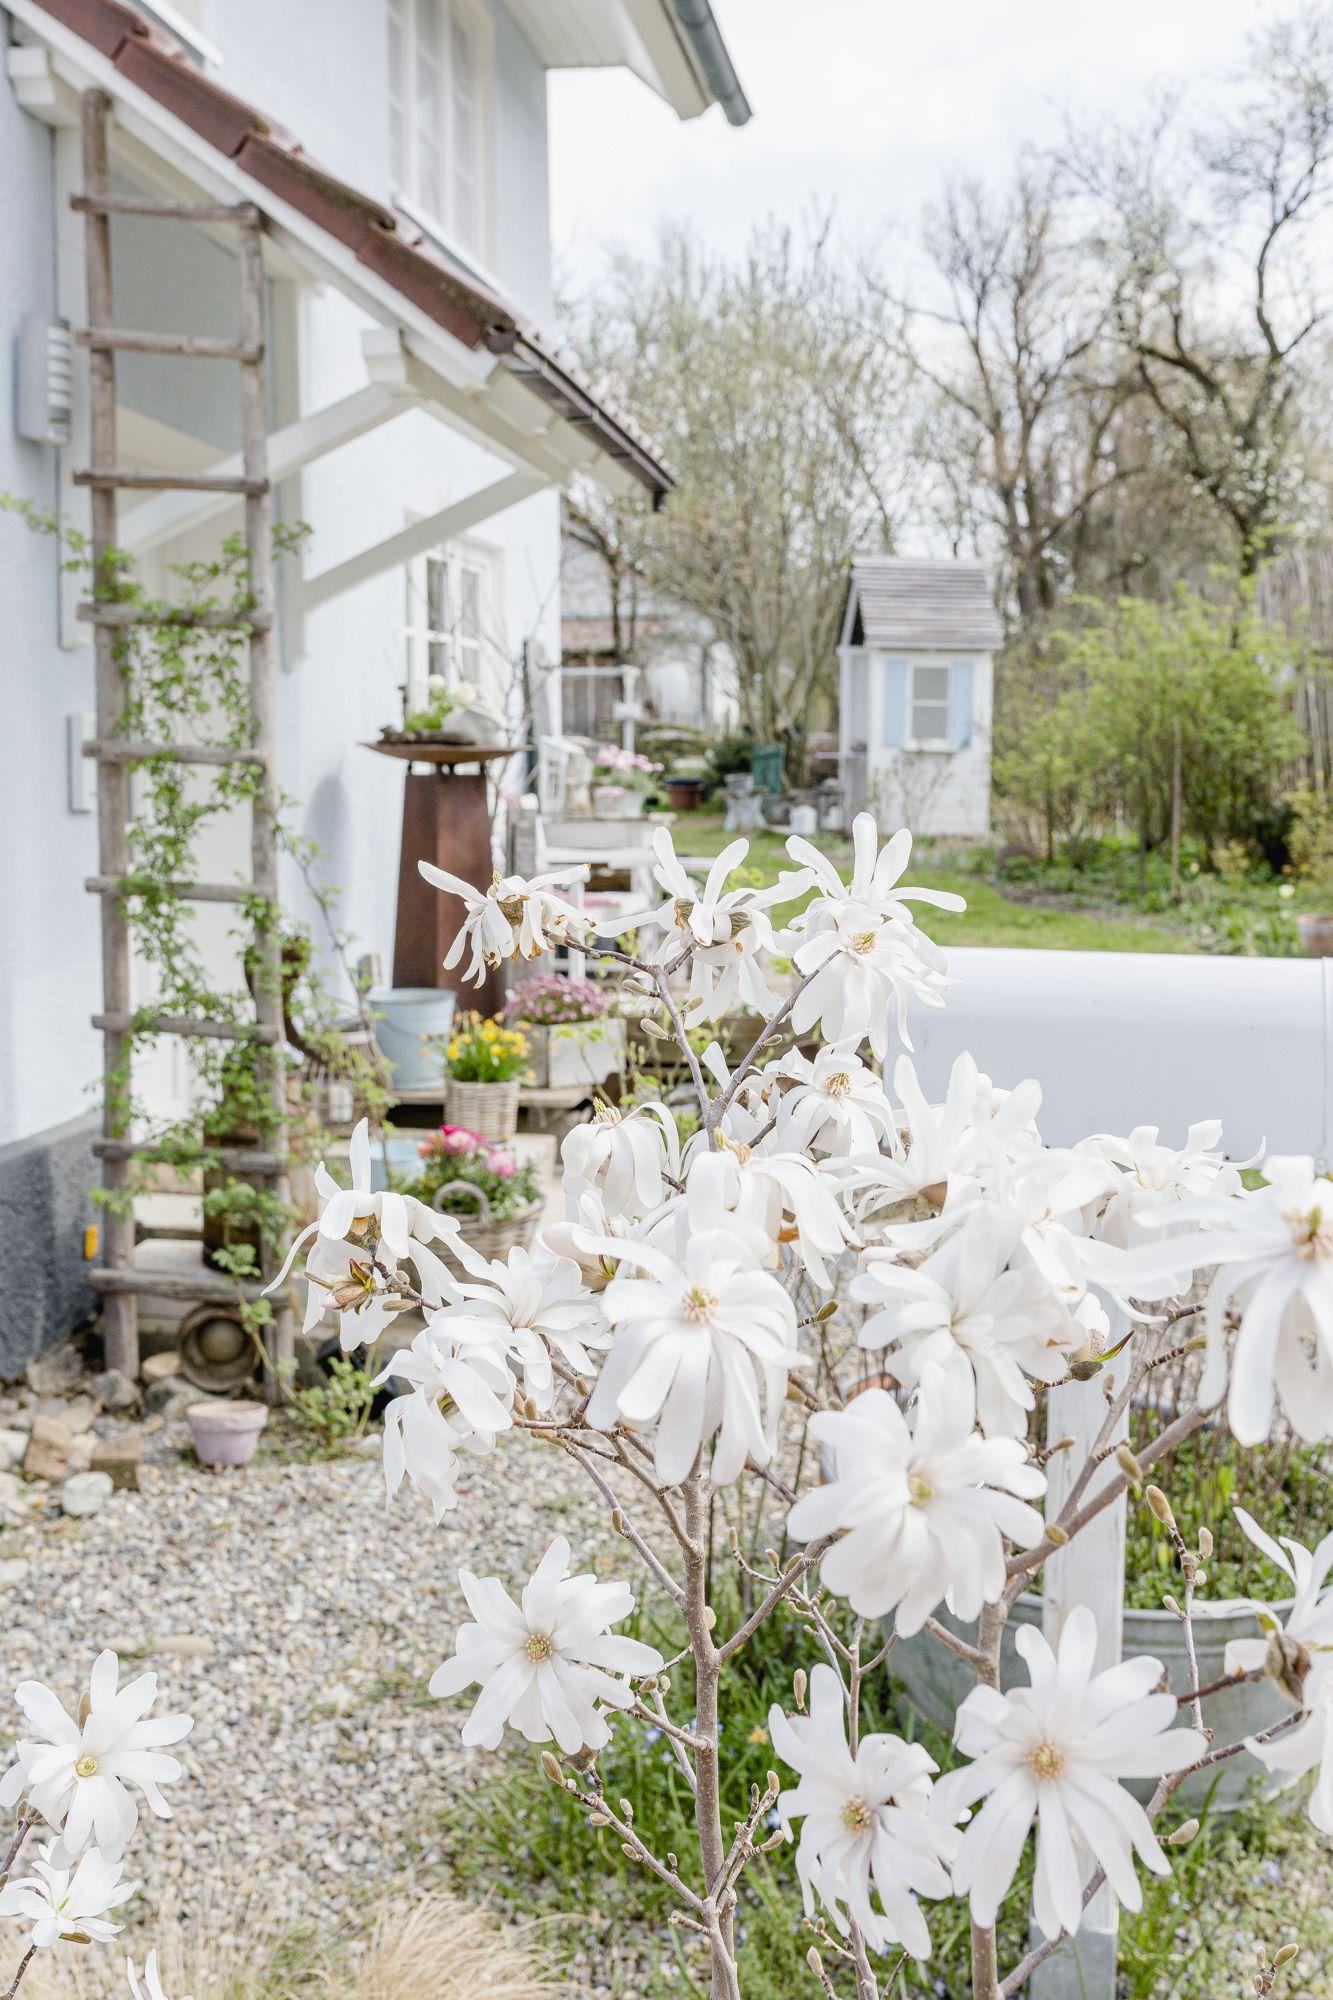 Weltbester Zitronensirup Oder Gartengluck Wahrend Corona Pomponetti Rezept In 2020 Garten Vorgarten Wohnen Und Garten